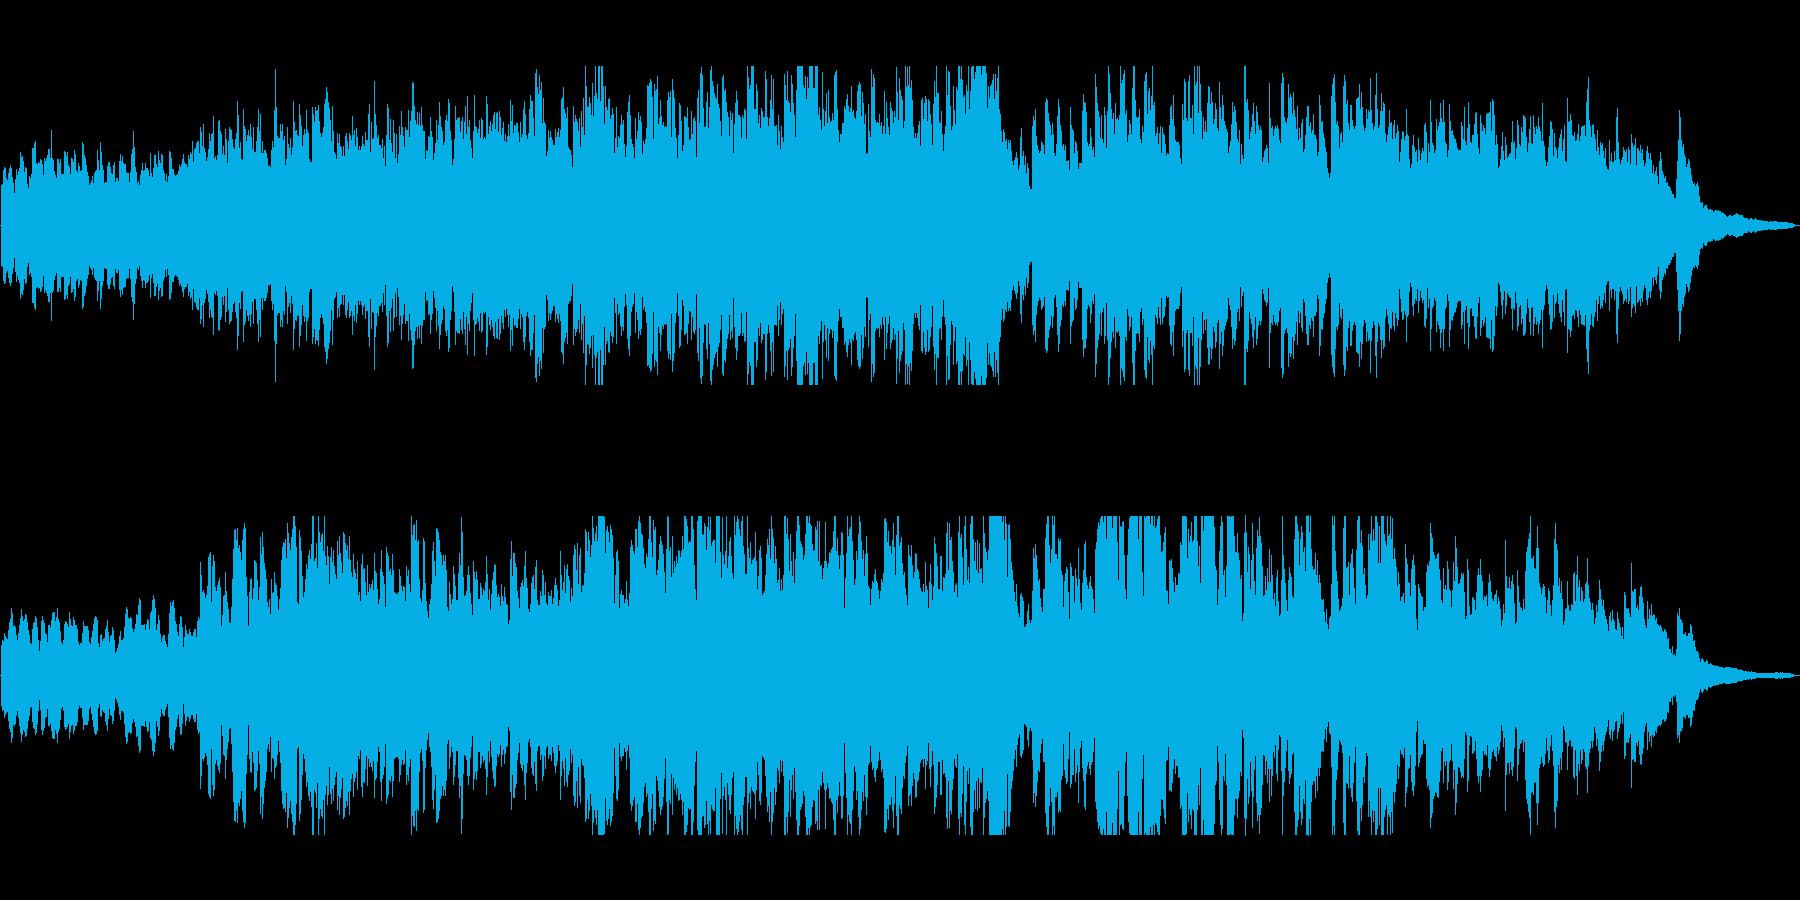 ピアノのもの悲しい旋律が印象のバラードの再生済みの波形